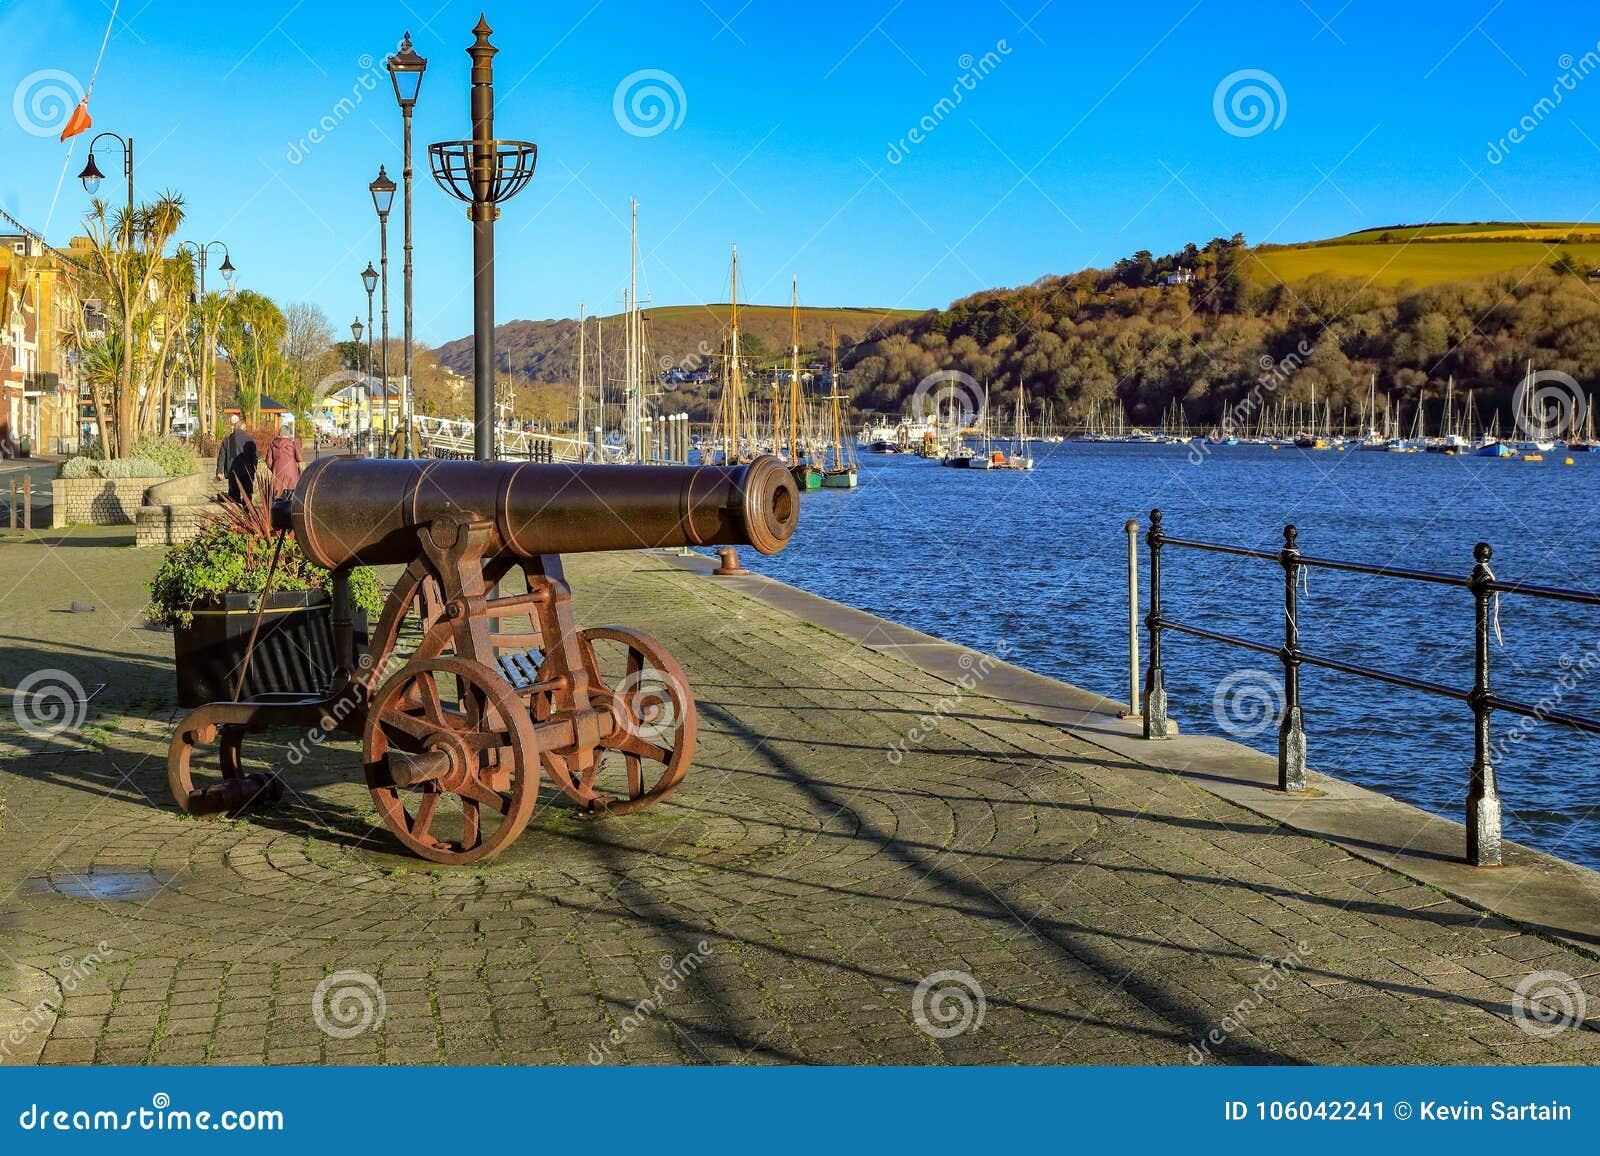 Cannon on the quay in Dartmouth Devon UK